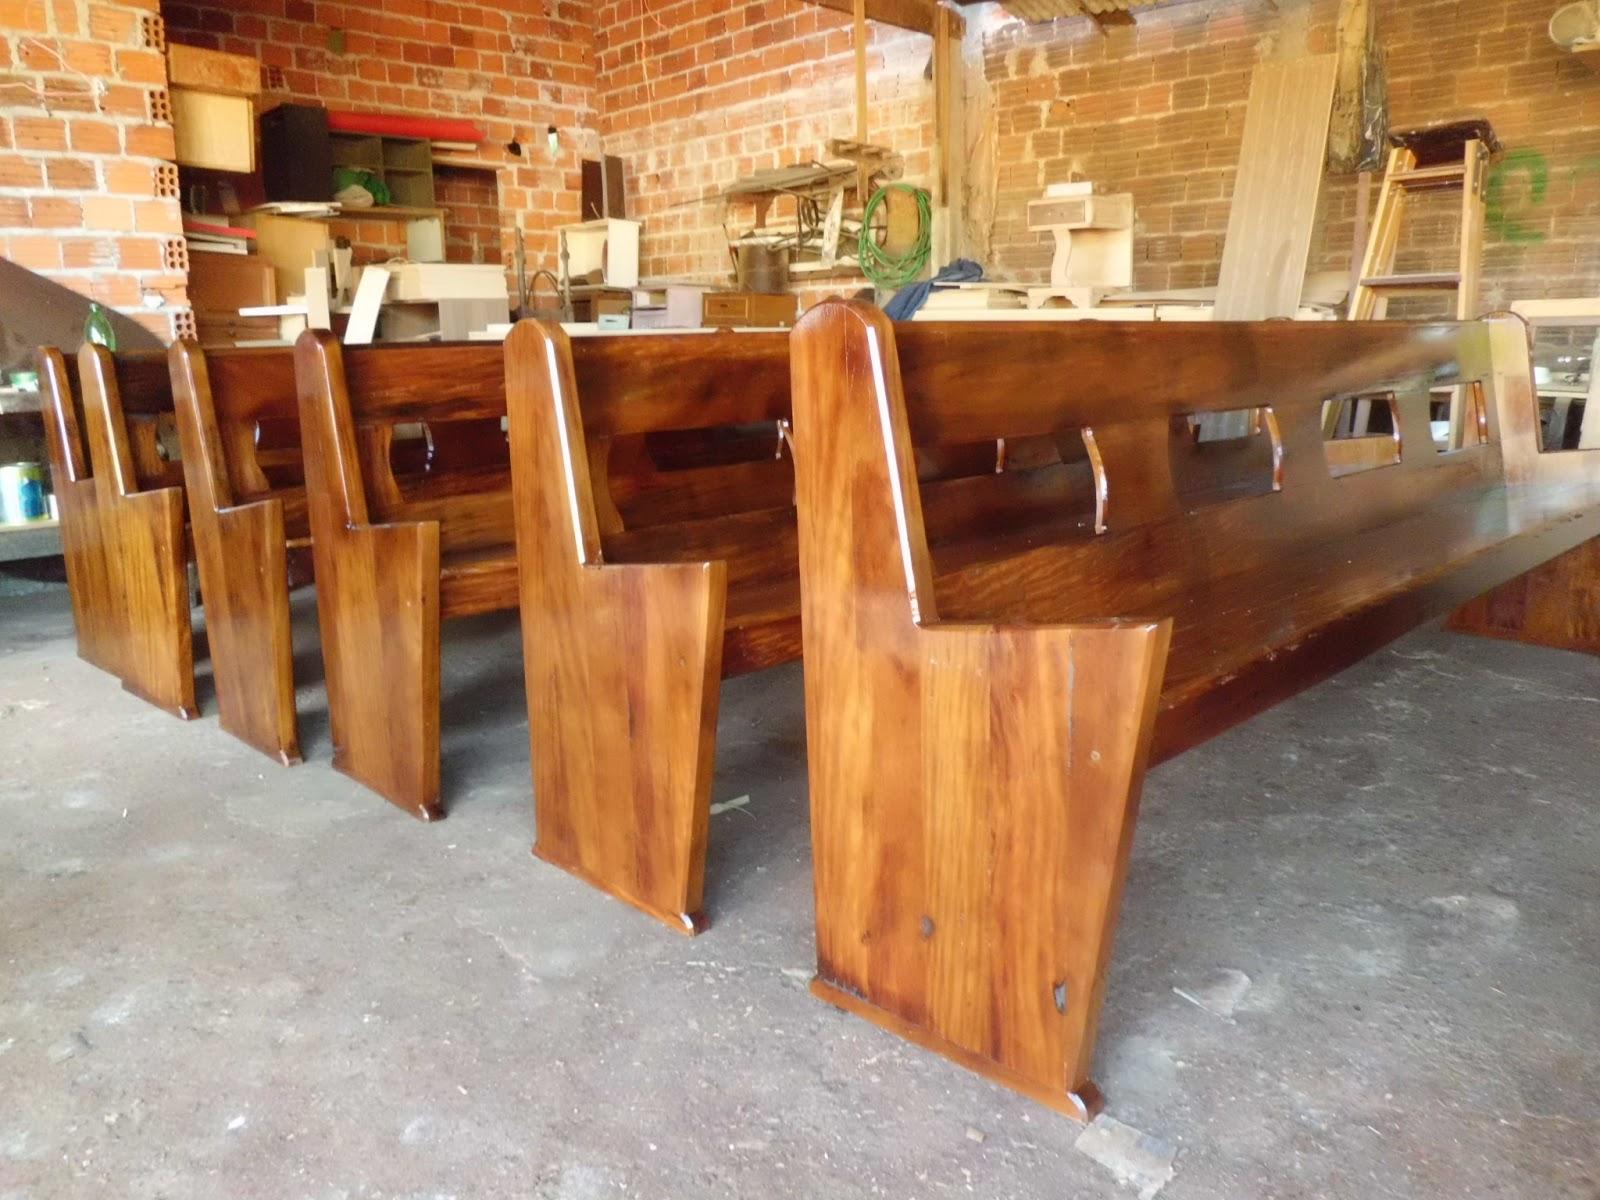 bancos de igreja feitos de peroba (madeira de demolição) #B34218 1600x1200